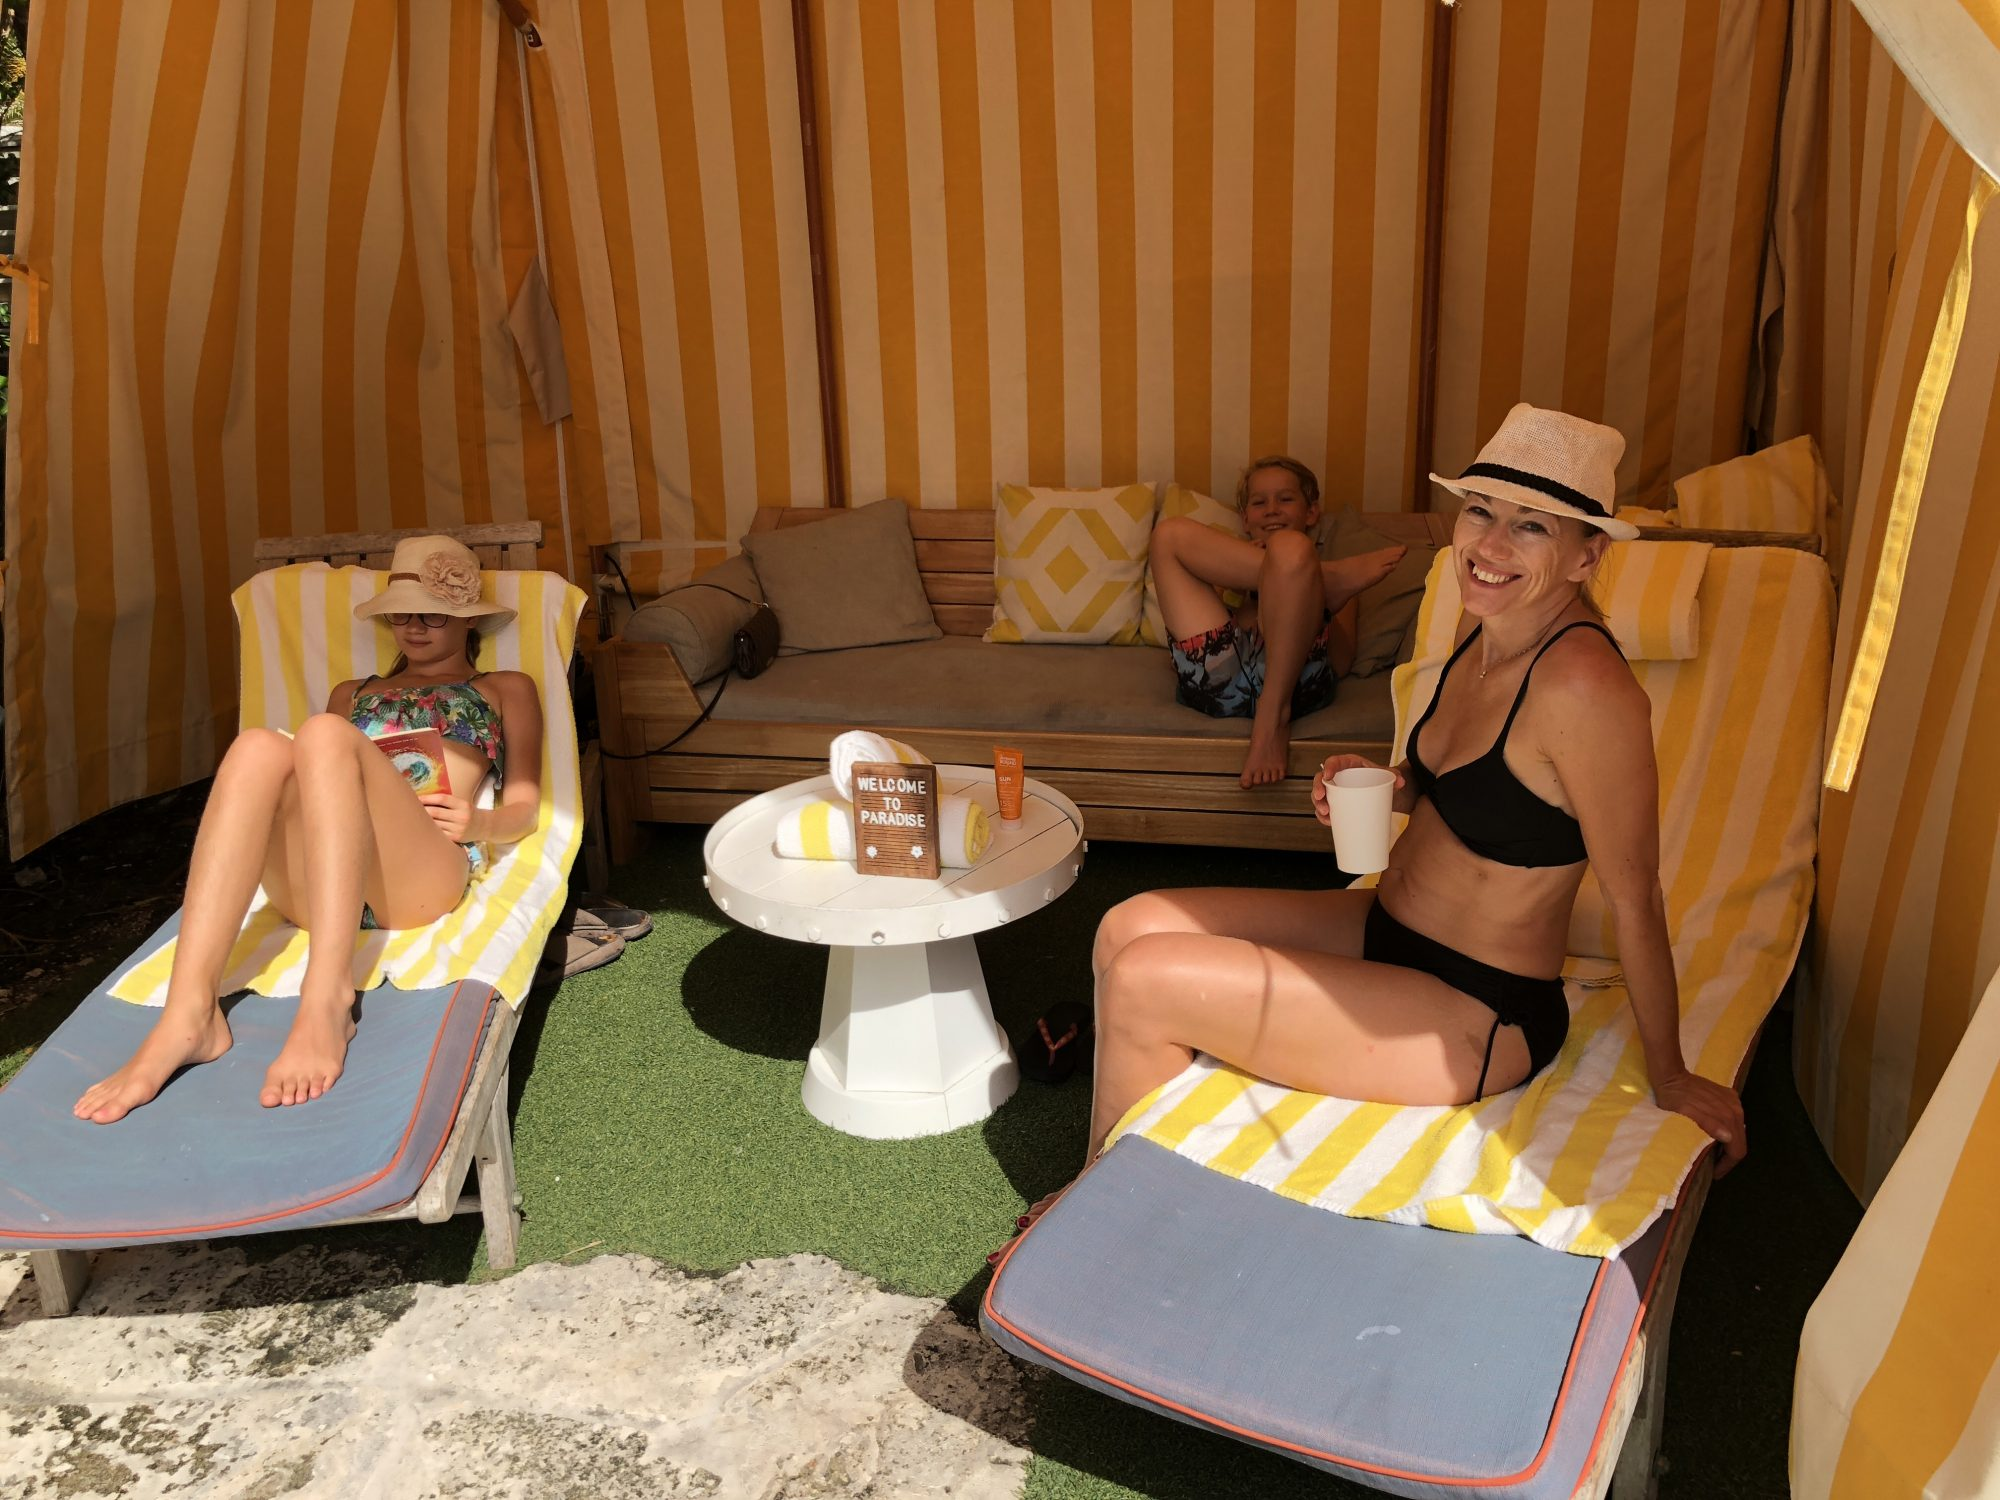 The Confidante Miami Beach Cabana